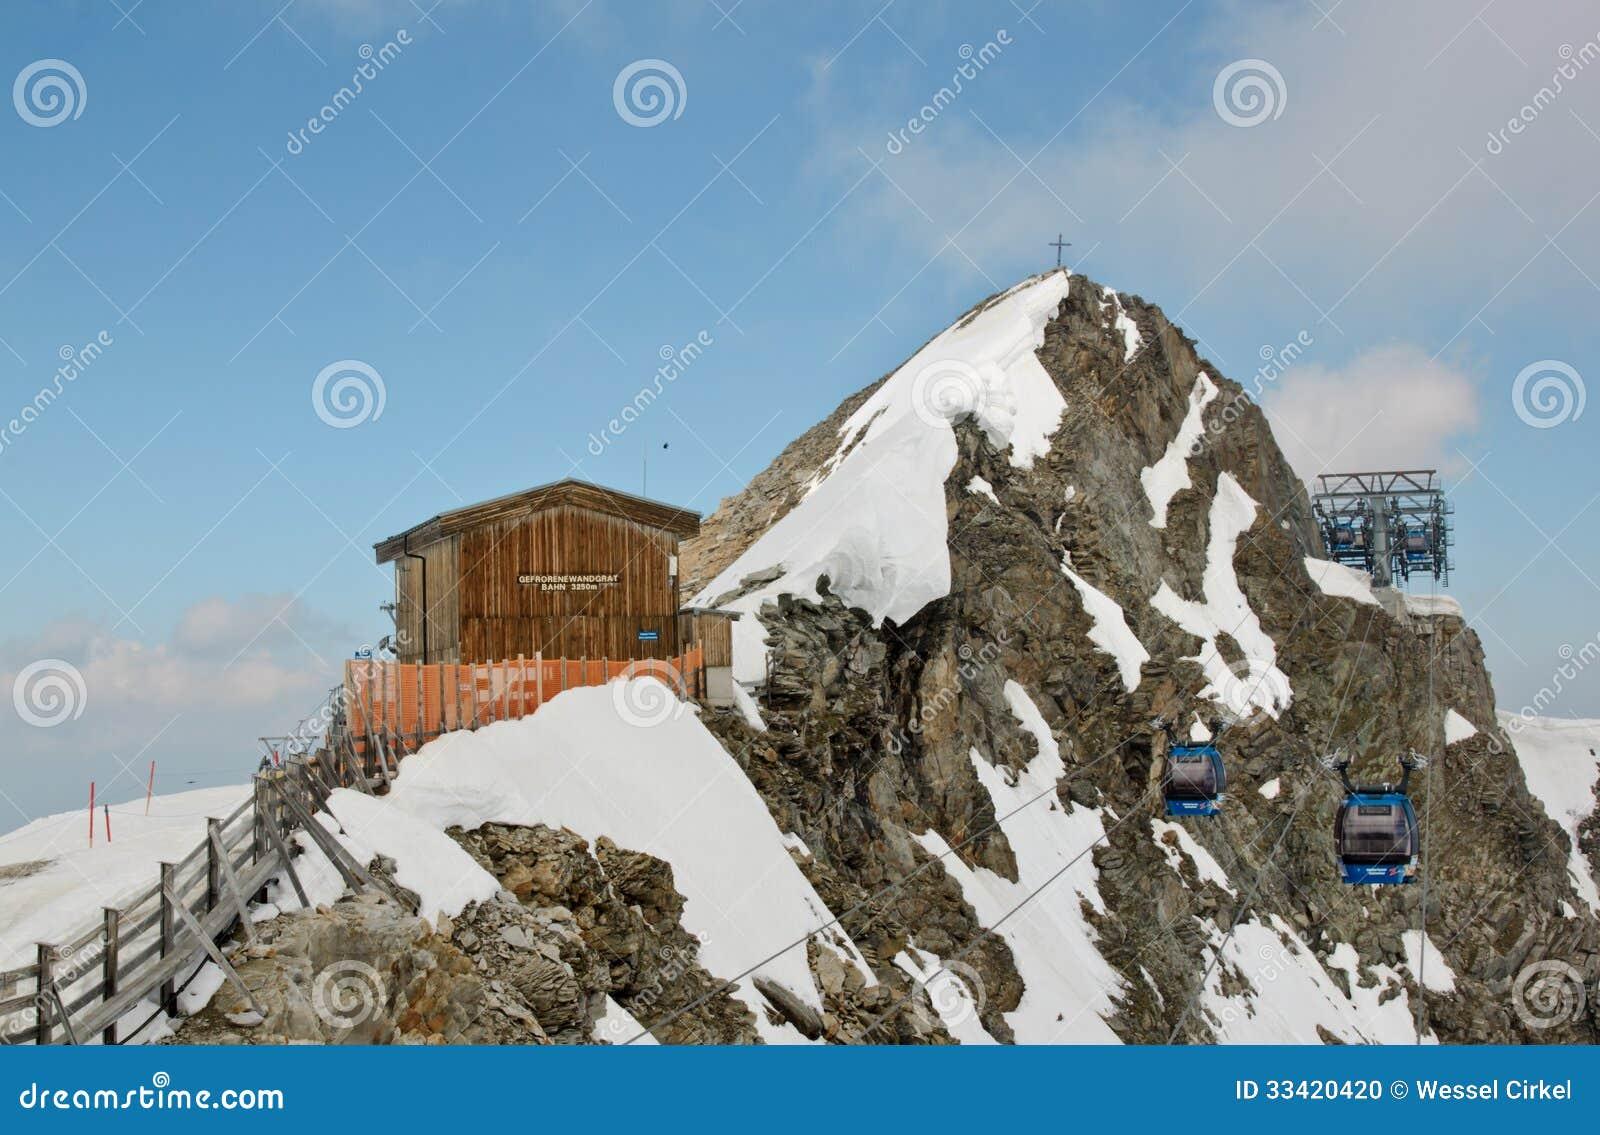 Hintertux Glacier Austria  city photos gallery : cableway lift to hintertux glacier austria gletscherbus which surely ...